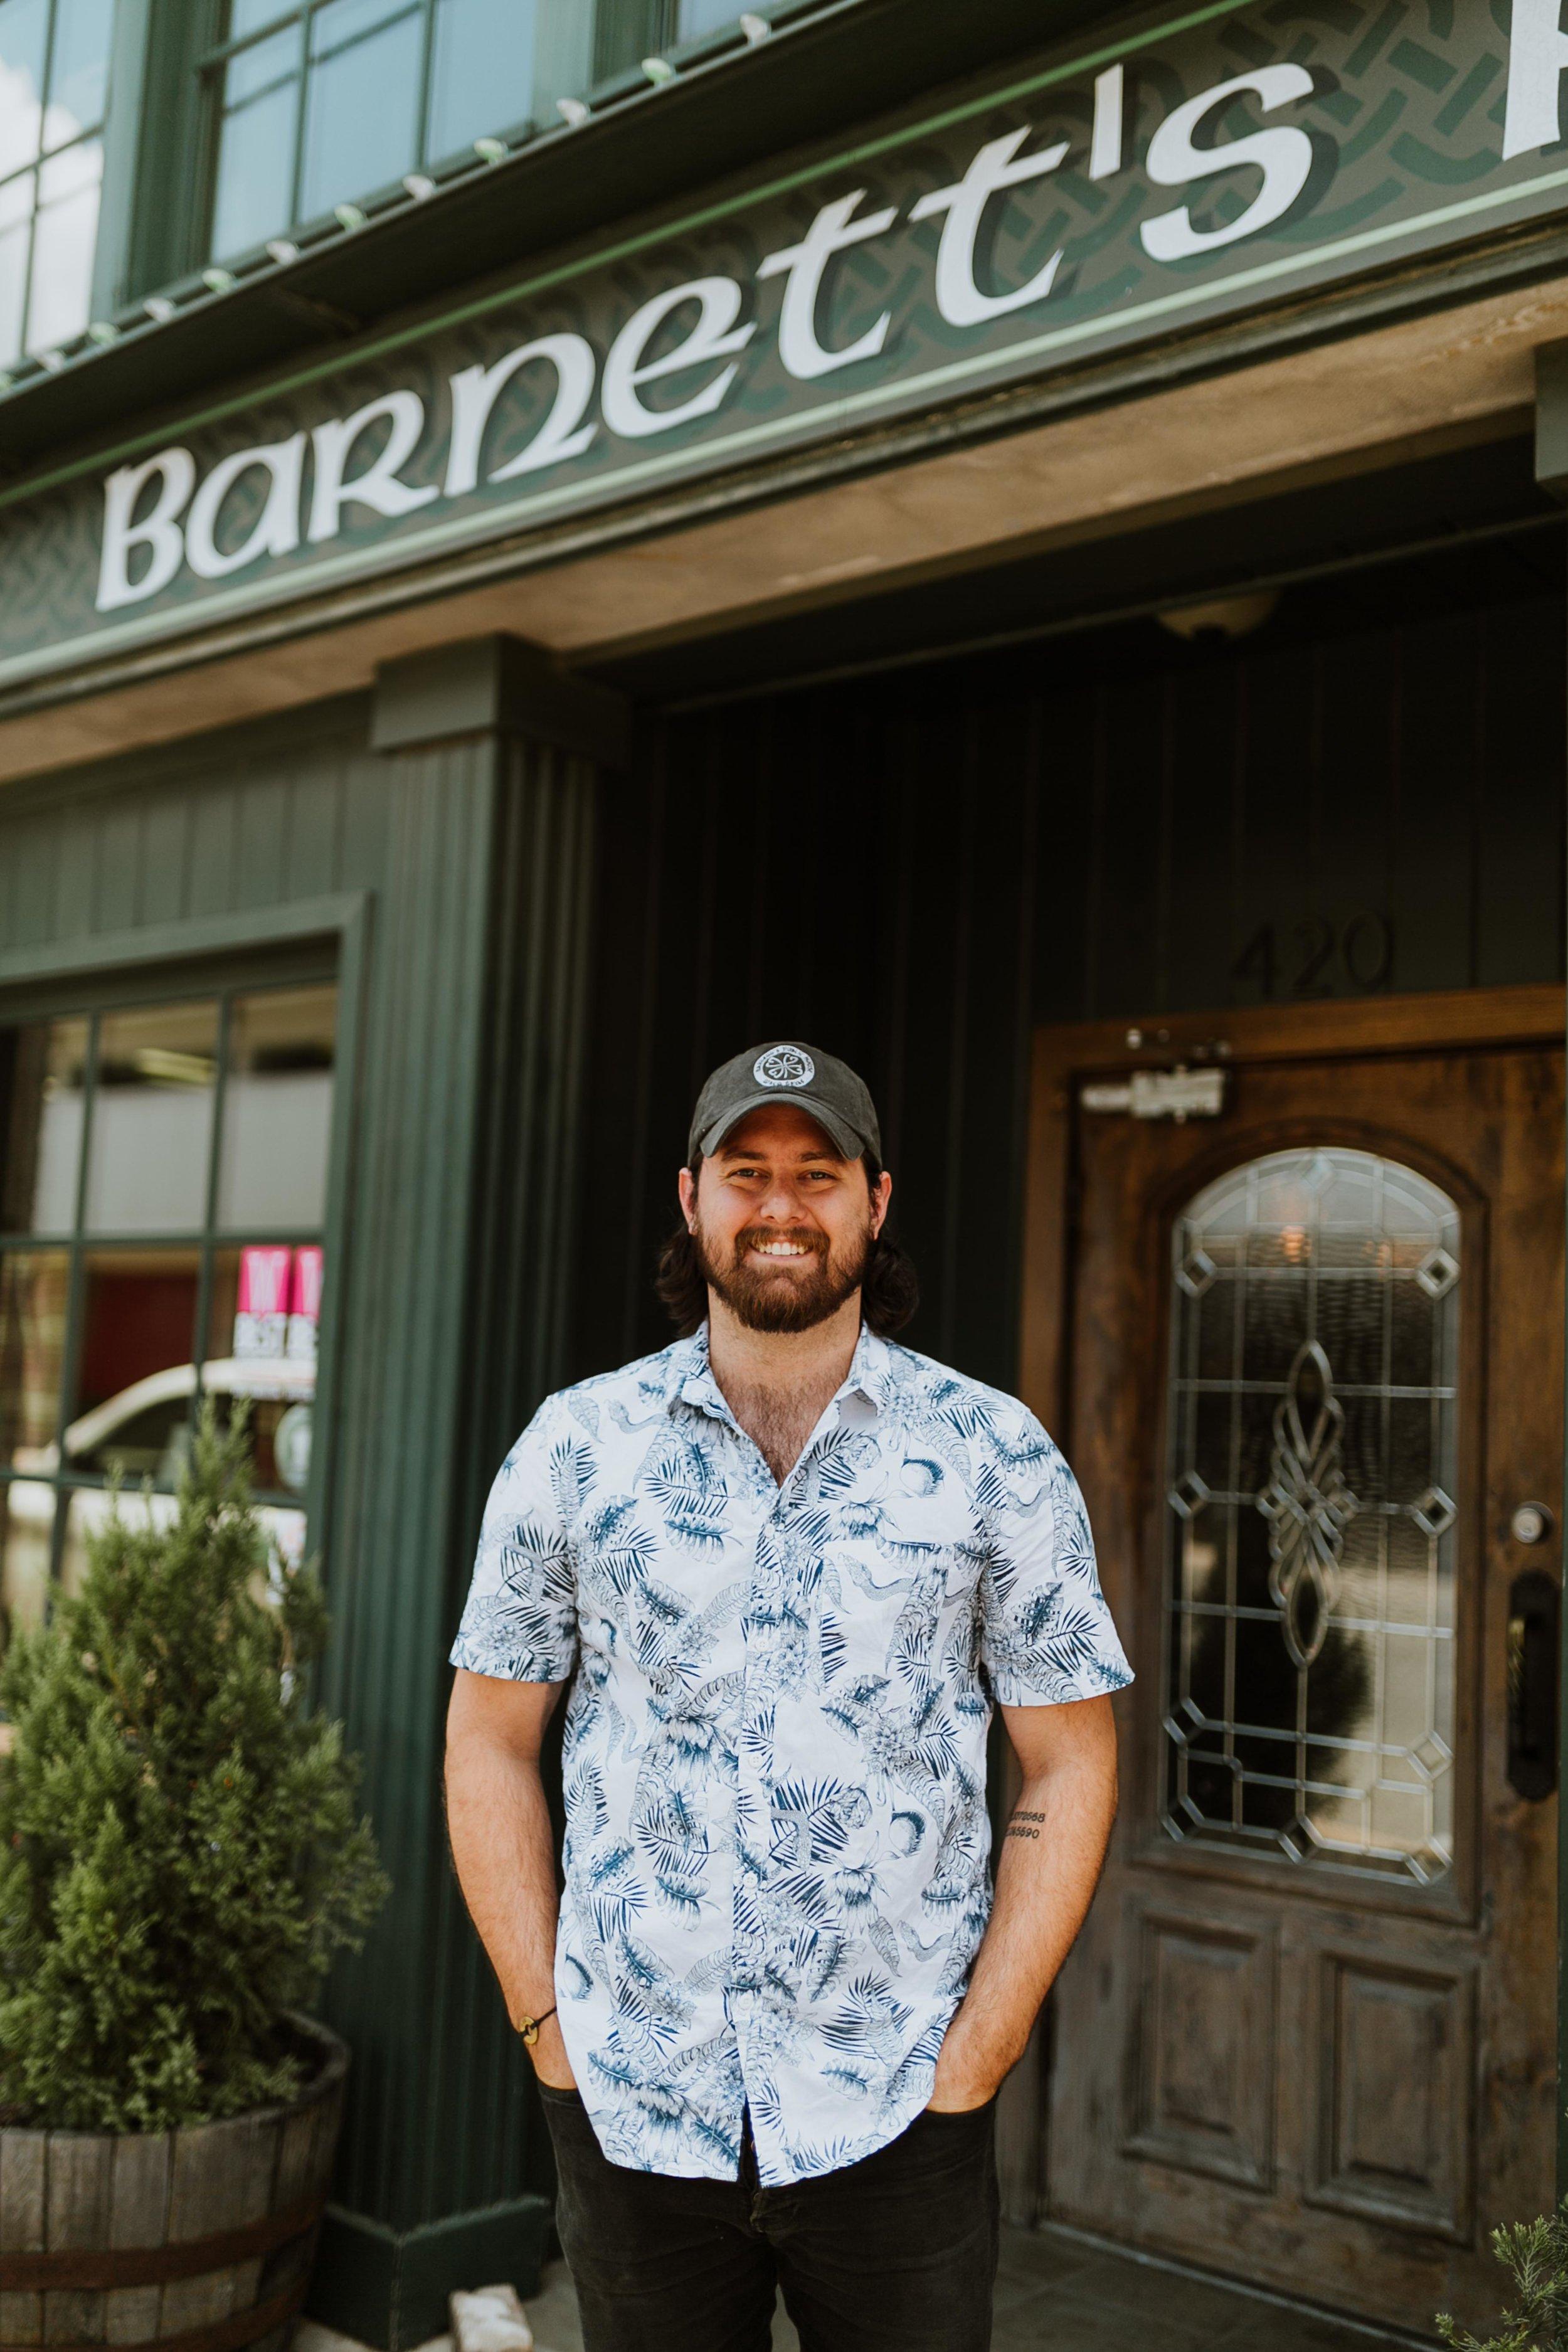 Barnett's